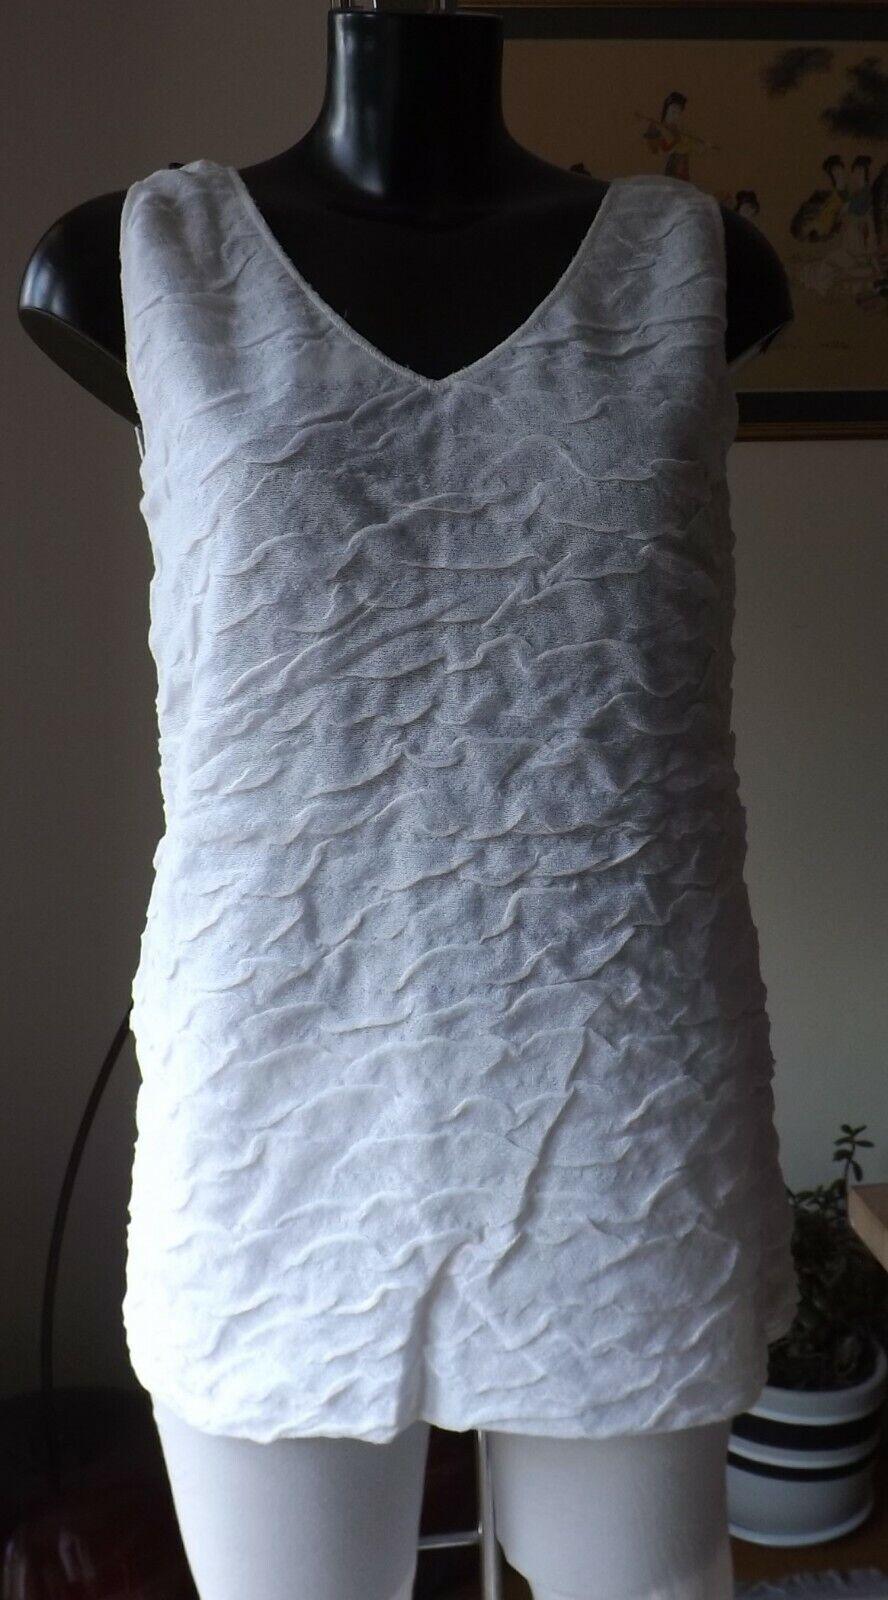 Le donne indossano Sarah Pacini Pacini Pacini MIX in Cotone colore Blanc Tunica Top Taglia Unica SP7068 11c4e6